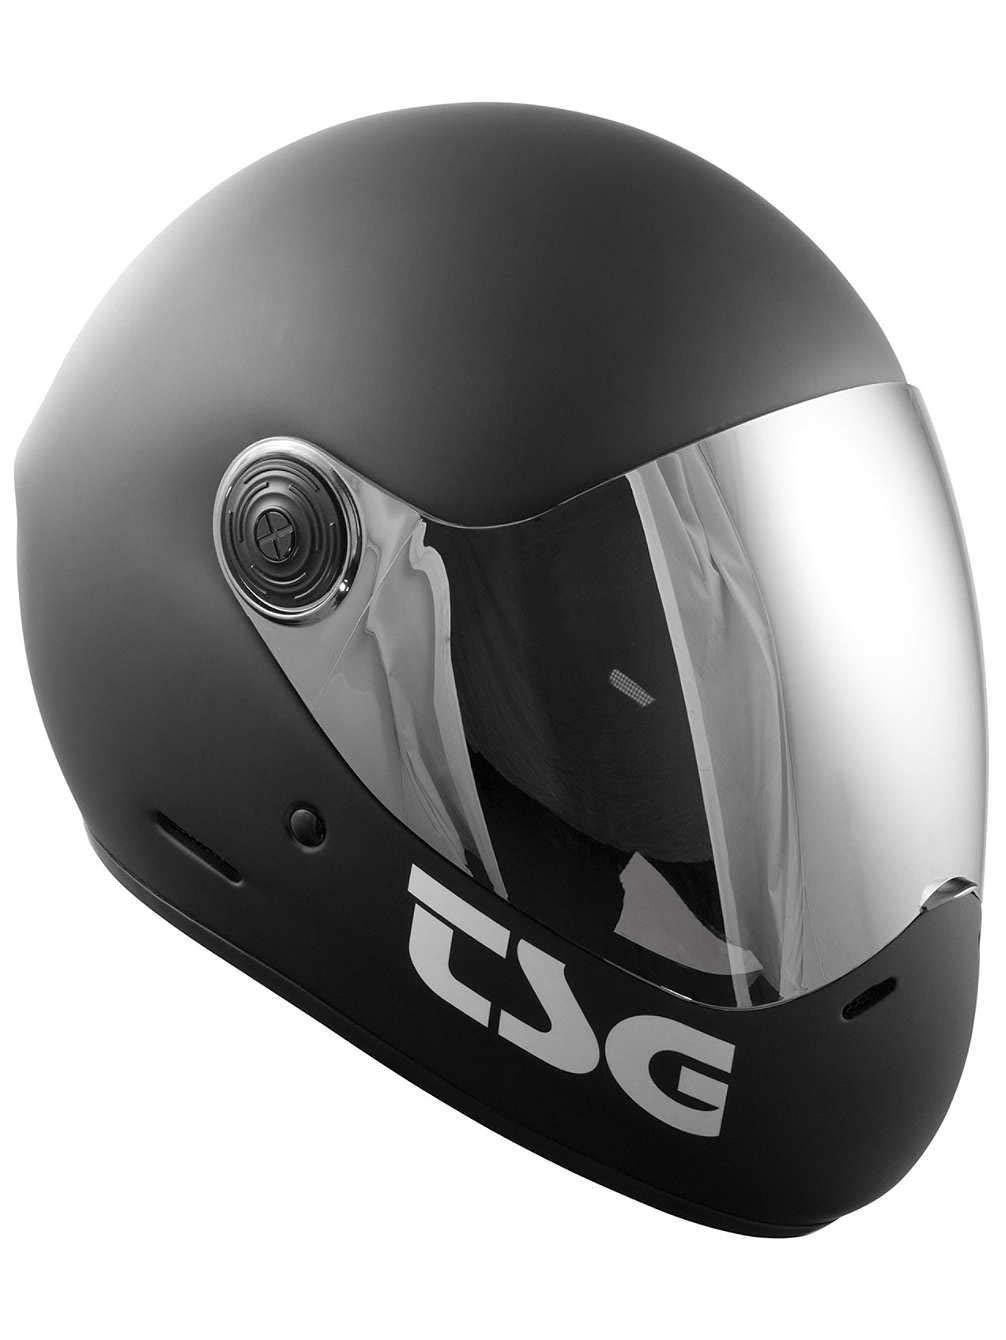 TSG - Pass Solid Color (+ Bonus Visor) - Helmet for Skateboard (Matt Black, XL)